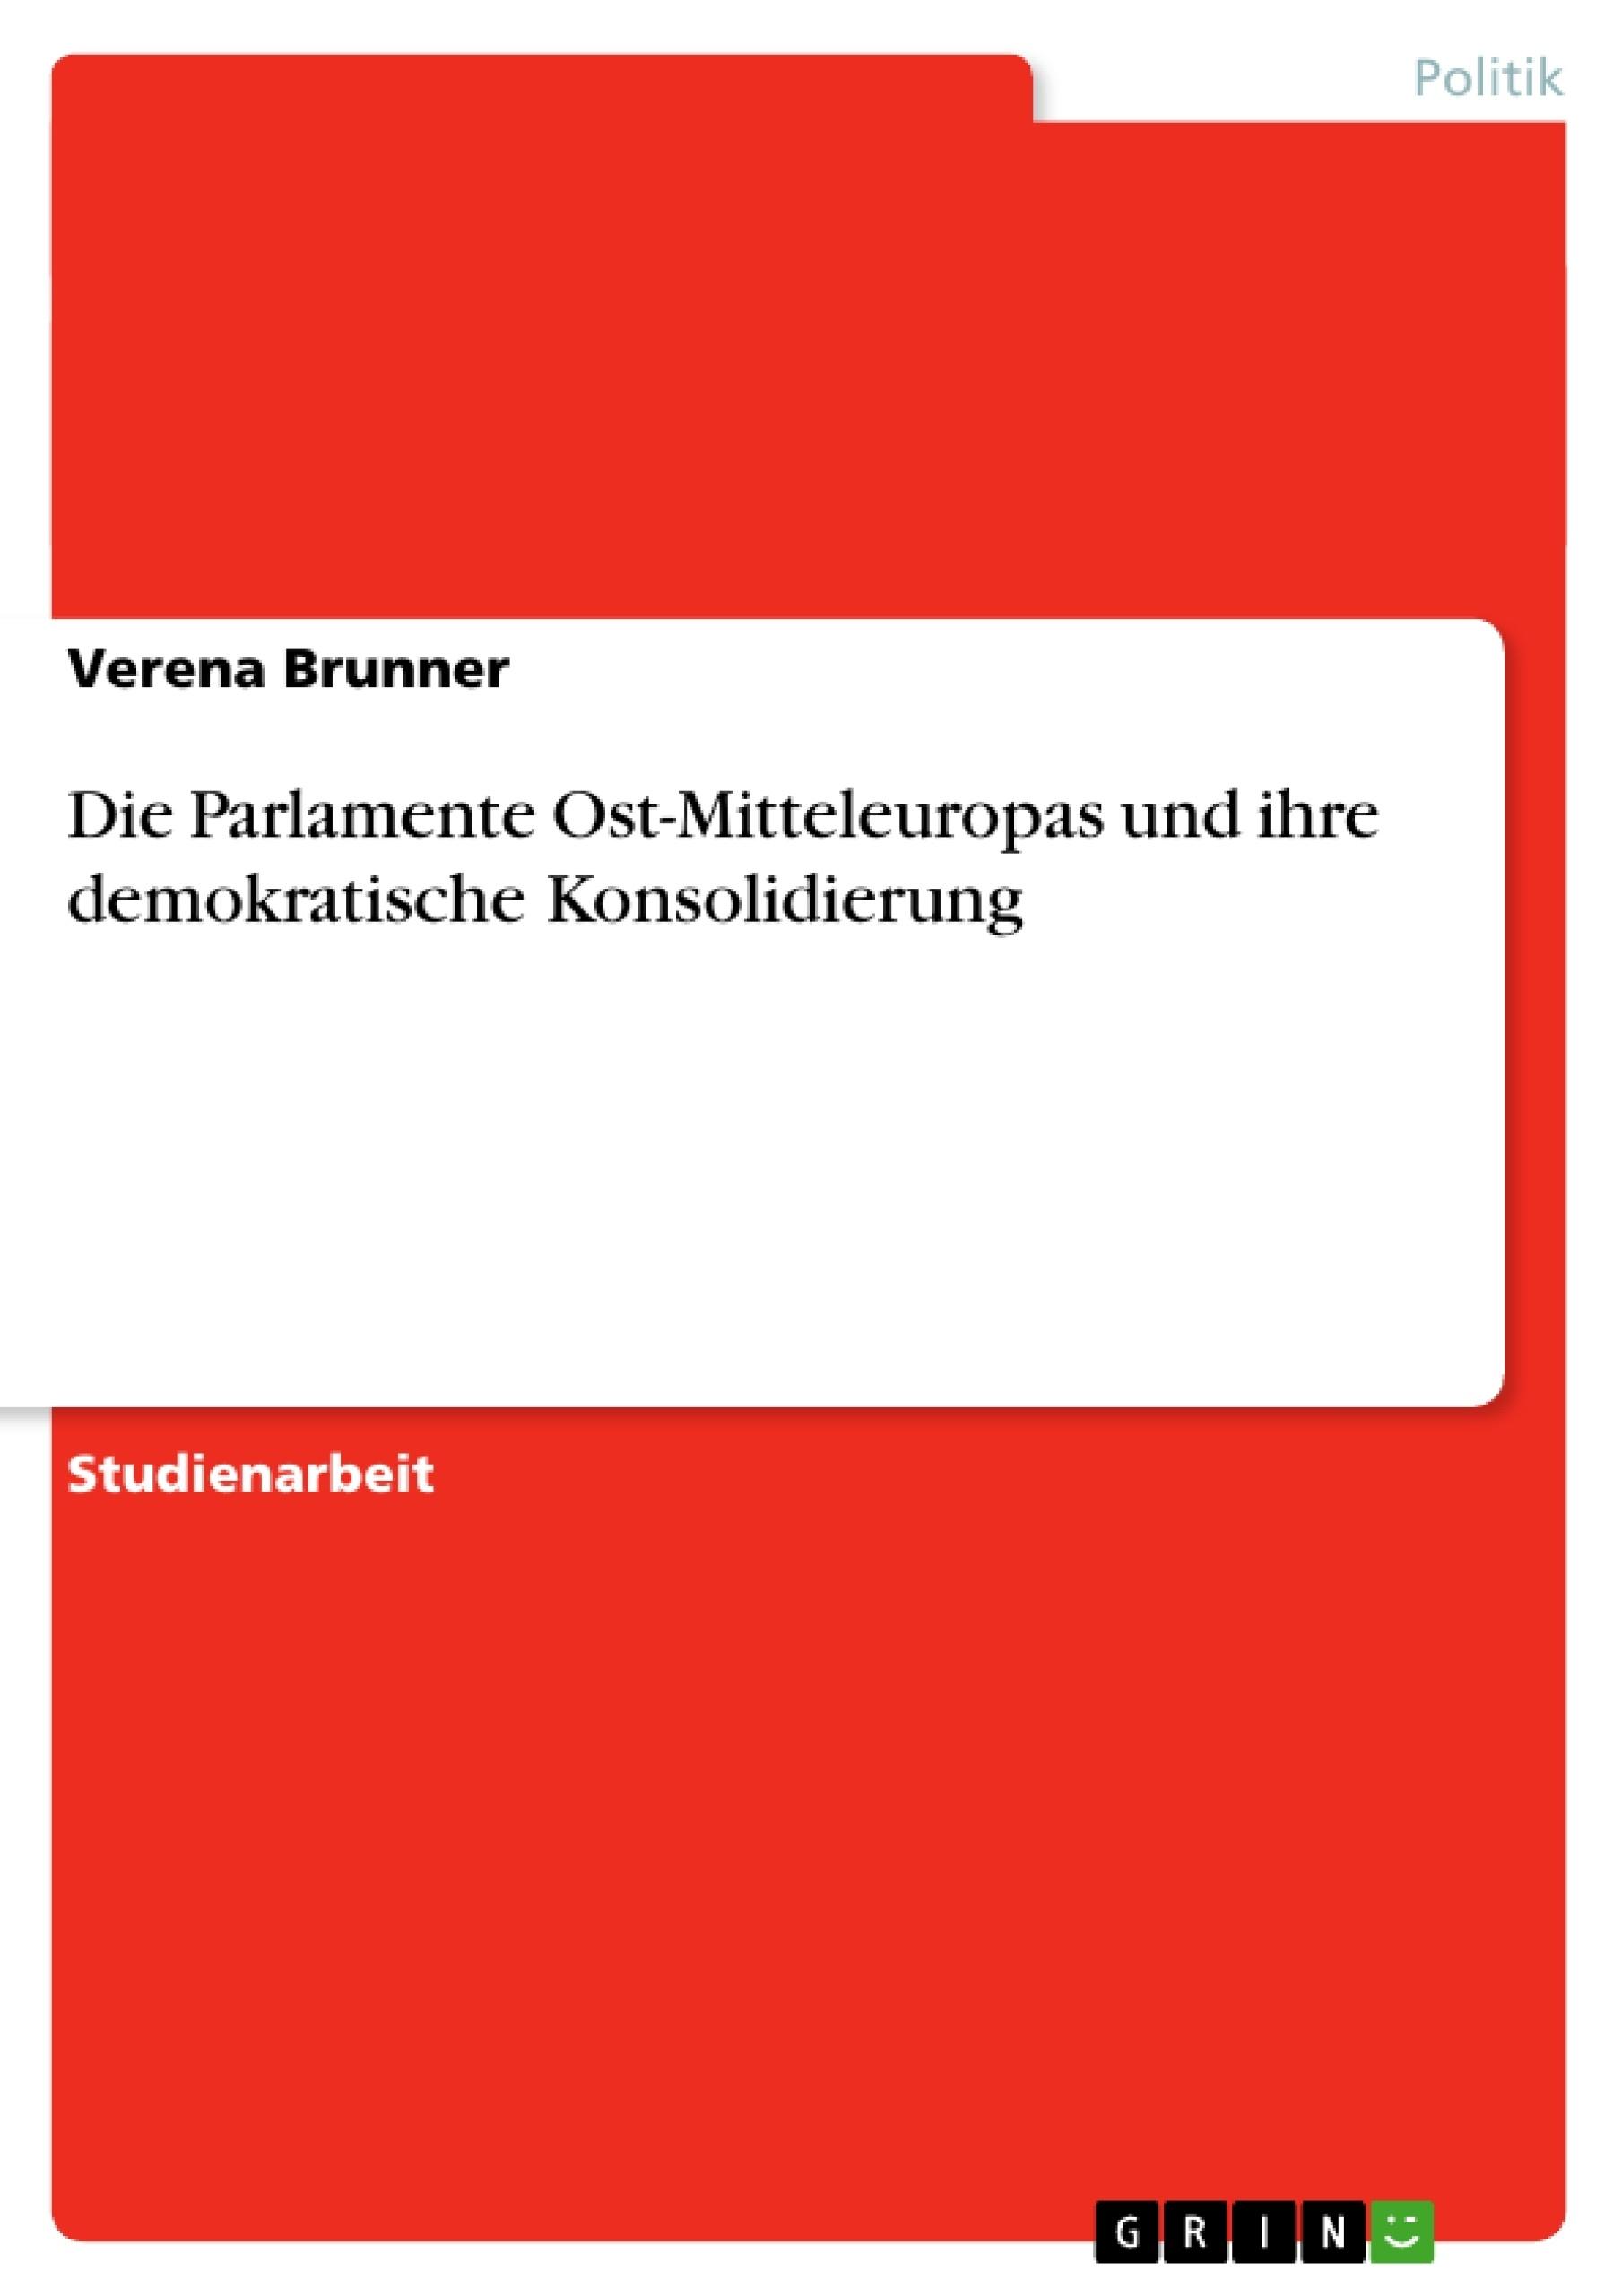 Titel: Die Parlamente Ost-Mitteleuropas und ihre demokratische Konsolidierung